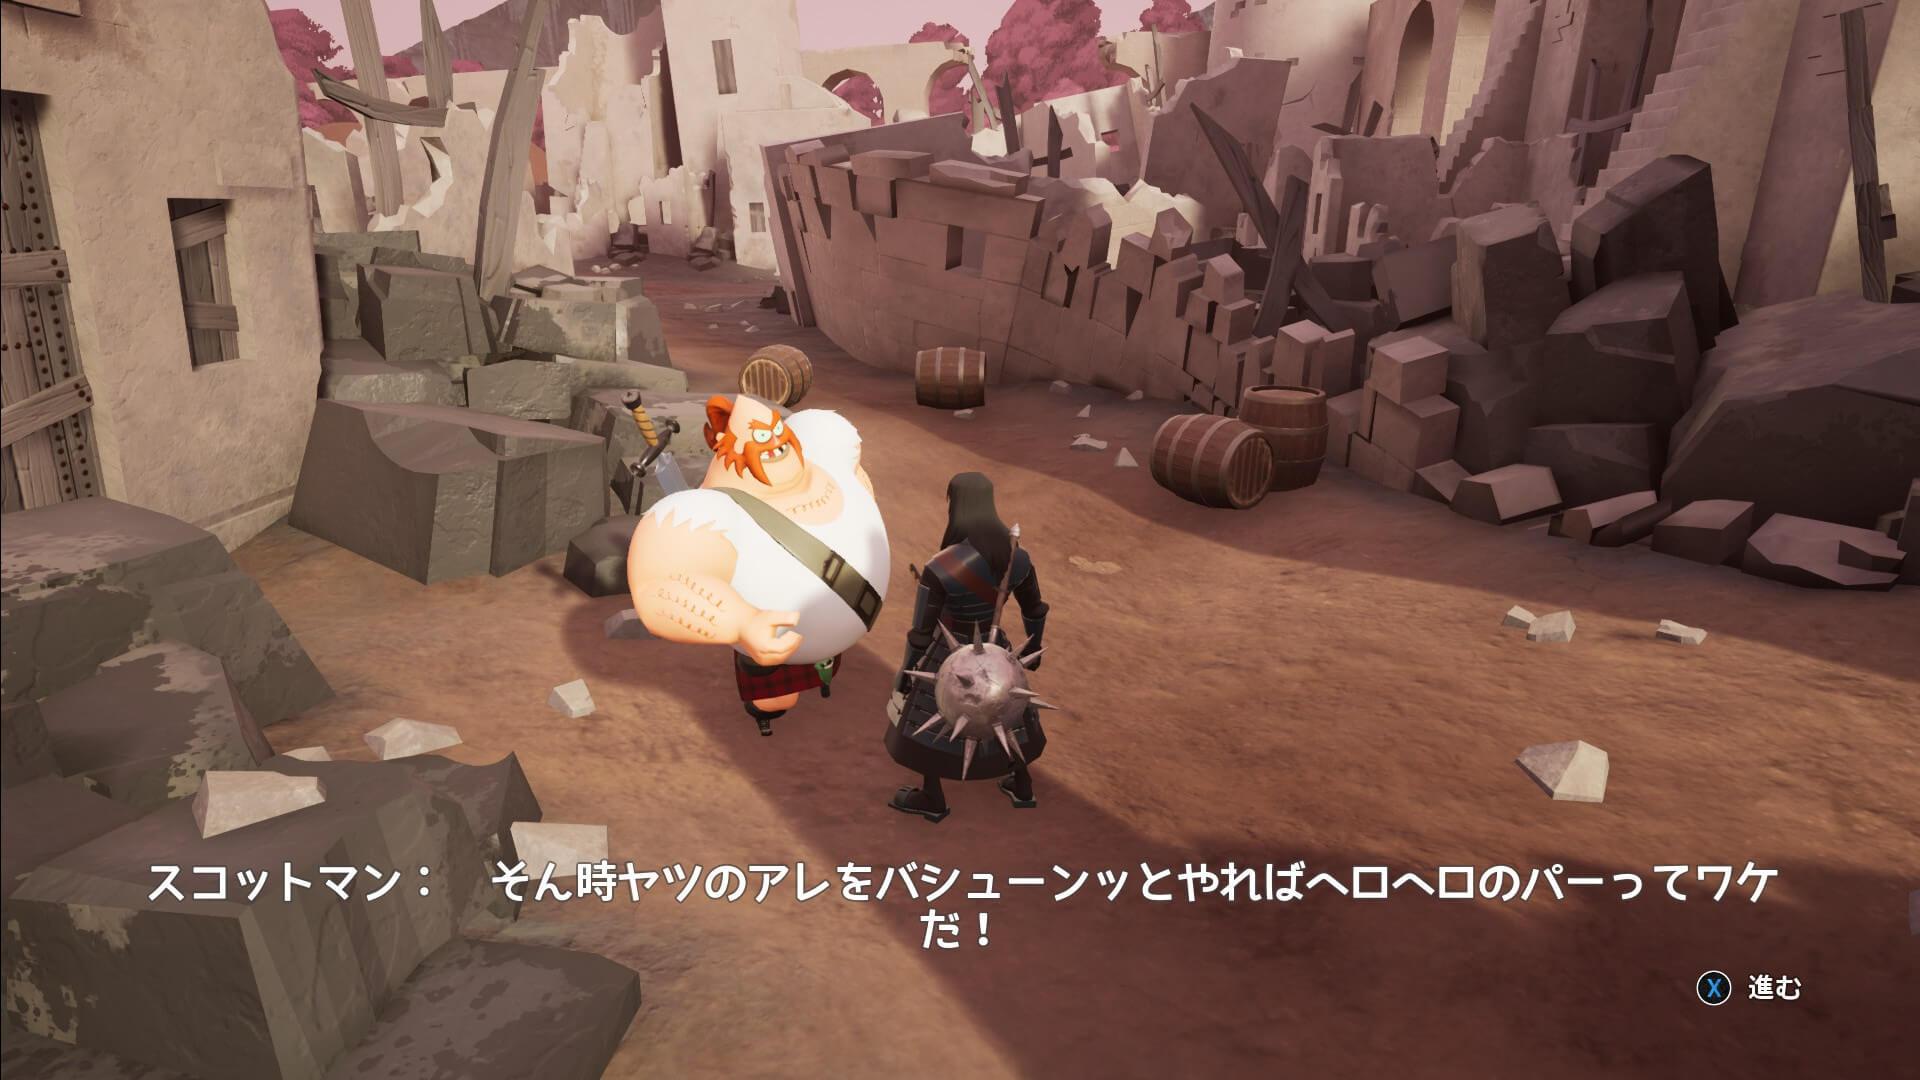 アクションRPG『サムライジャック:時空の戦い』Nintendo Switchダウンロード版の予約受付が開始!アニメ『サムライ ジャック』も特別放送決定 tech201217_samuraijack_zikunotatakai_3